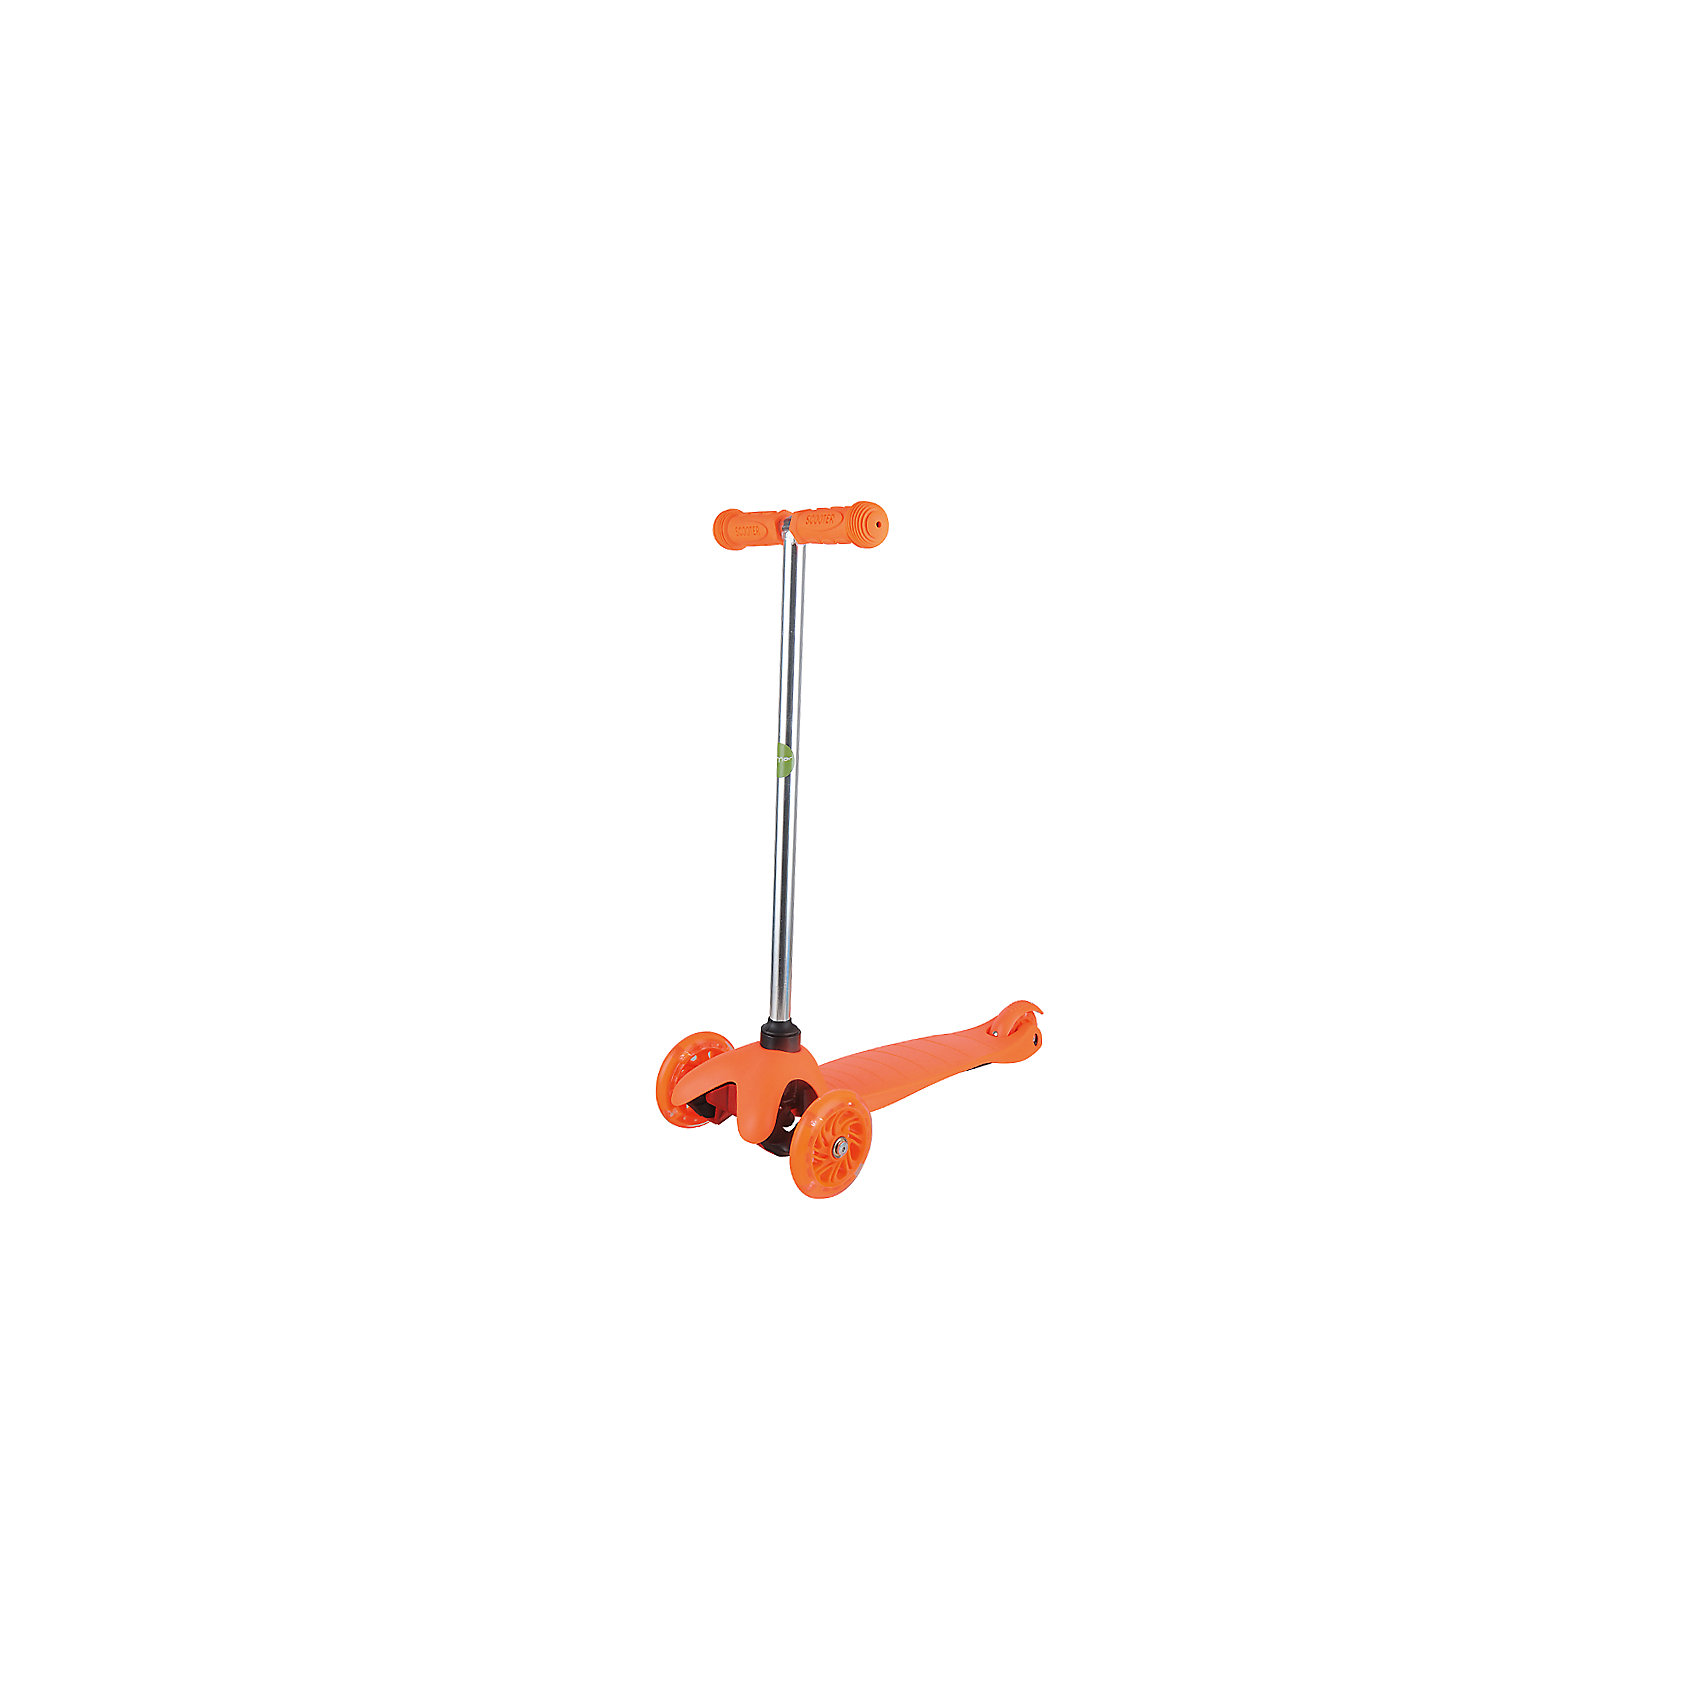 Самокат ZL-66, оранжевый, ZilmerСамокаты<br>Характеристики товара:<br><br>• возраст от 3 лет;<br>• материал: алюминий, пластик, сталь;<br>• в комплекте: самокат, шестигранные ключи, инструкция;<br>• максимальная нагрузка до 50 кг;<br>• материал колес: полиуретан;<br>• диаметр передних колес 11 см, заднего колеса 7,8 см;<br>• размер самоката 54х25х66 см;<br>• размер упаковки 56х14х19 см;<br>• вес упаковки 2,6 кг;<br>• страна производитель: Китай.<br><br>Самокат ZL-66 Zilmer оранжевый позволит активно провести время на прогулке. Катание на самокате развивает координацию движений, учит держать равновесие. 2 передних колеса придают хорошей устойчивости, позволяют легко учиться держать равновесие. Платформа самоката выполнена из прочного пластика и имеет рифленую поверхность, препятствующую соскальзывание во время езды. <br><br>Удобный руль обеспечивает комфортное управление. Прорезиненные накладки на ручках не дают ладошкам соскальзывать при движении. Колеса выполнены из износостойкого долговечного полиуретана. Главное преимущество модели — светящиеся колеса во время катания.<br><br>Самокат ZL-66 Zilmer оранжевый можно приобрести в нашем интернет-магазине.<br><br>Ширина мм: 560<br>Глубина мм: 140<br>Высота мм: 190<br>Вес г: 2600<br>Цвет: оранжевый<br>Возраст от месяцев: 36<br>Возраст до месяцев: 72<br>Пол: Унисекс<br>Возраст: Детский<br>SKU: 5610980